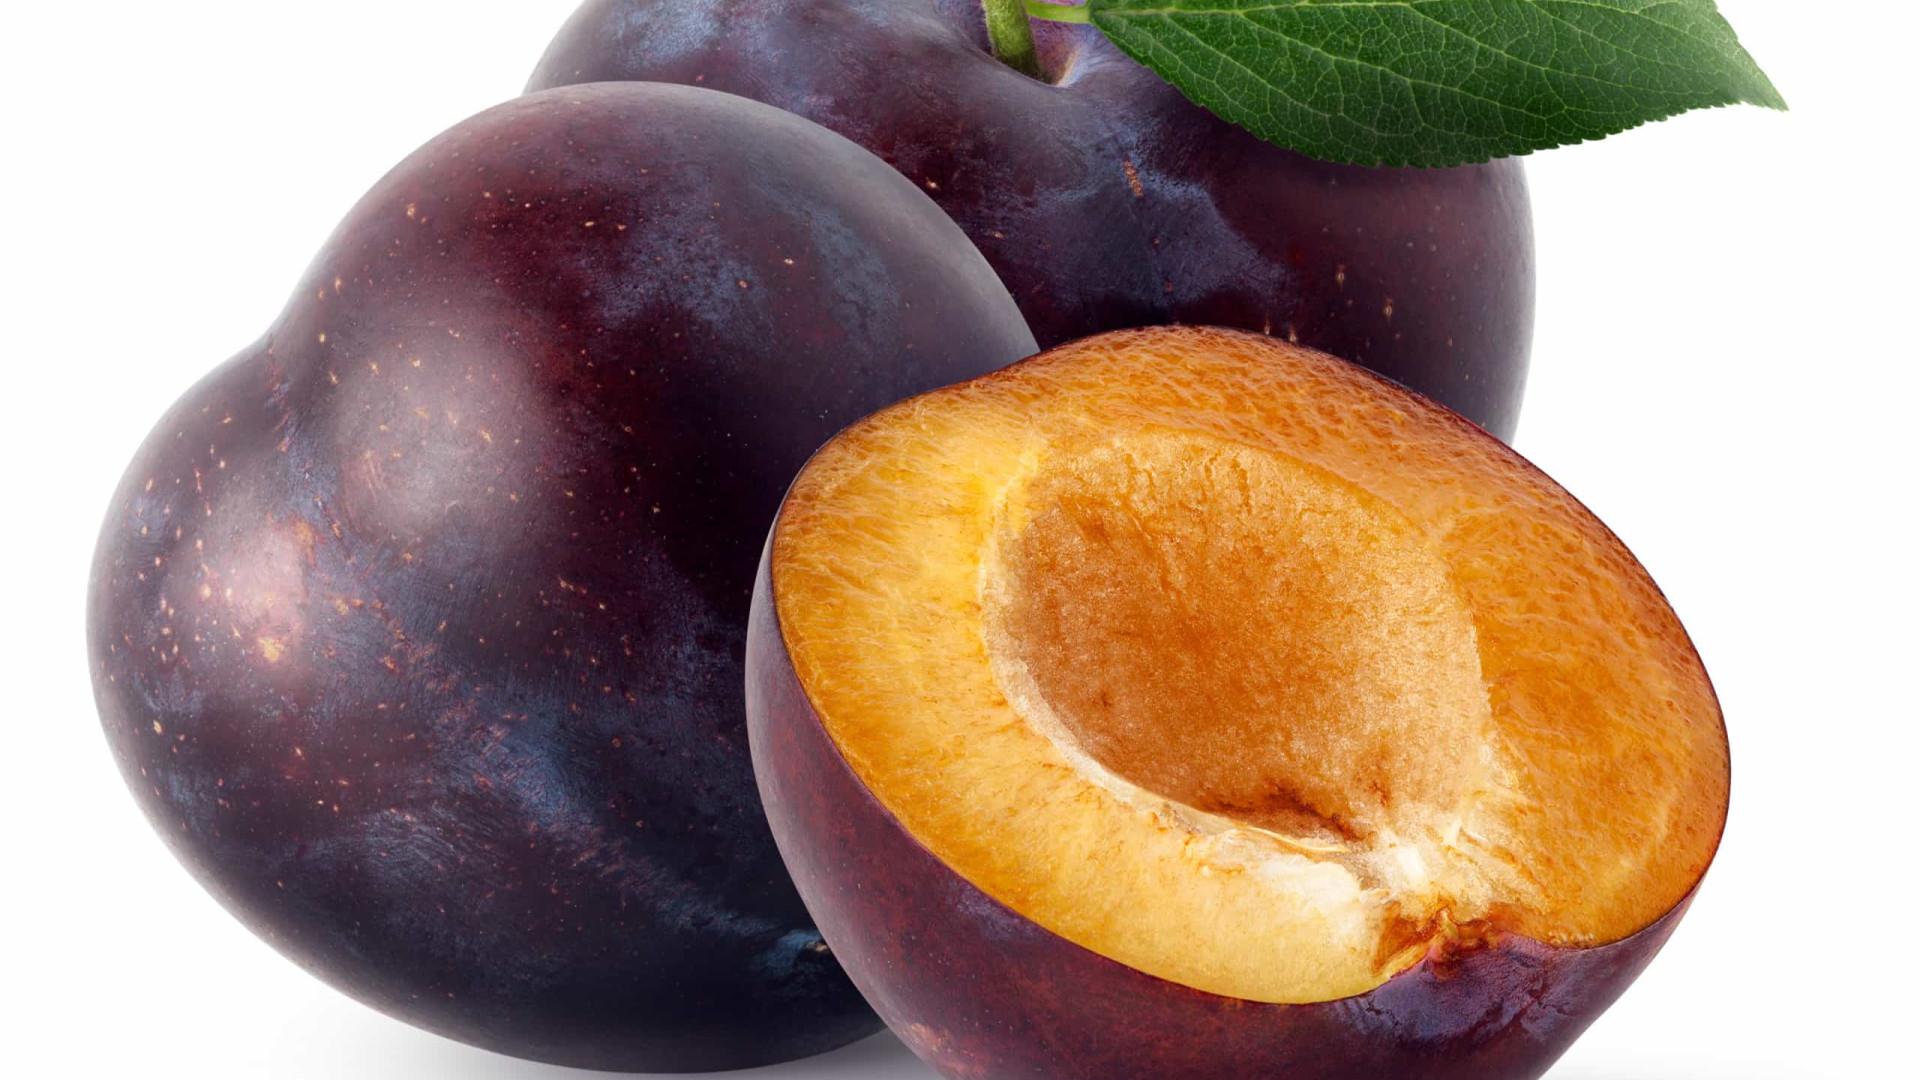 Baixa em calorias, rica em nutrientes. Benefícios da ameixa para a saúde